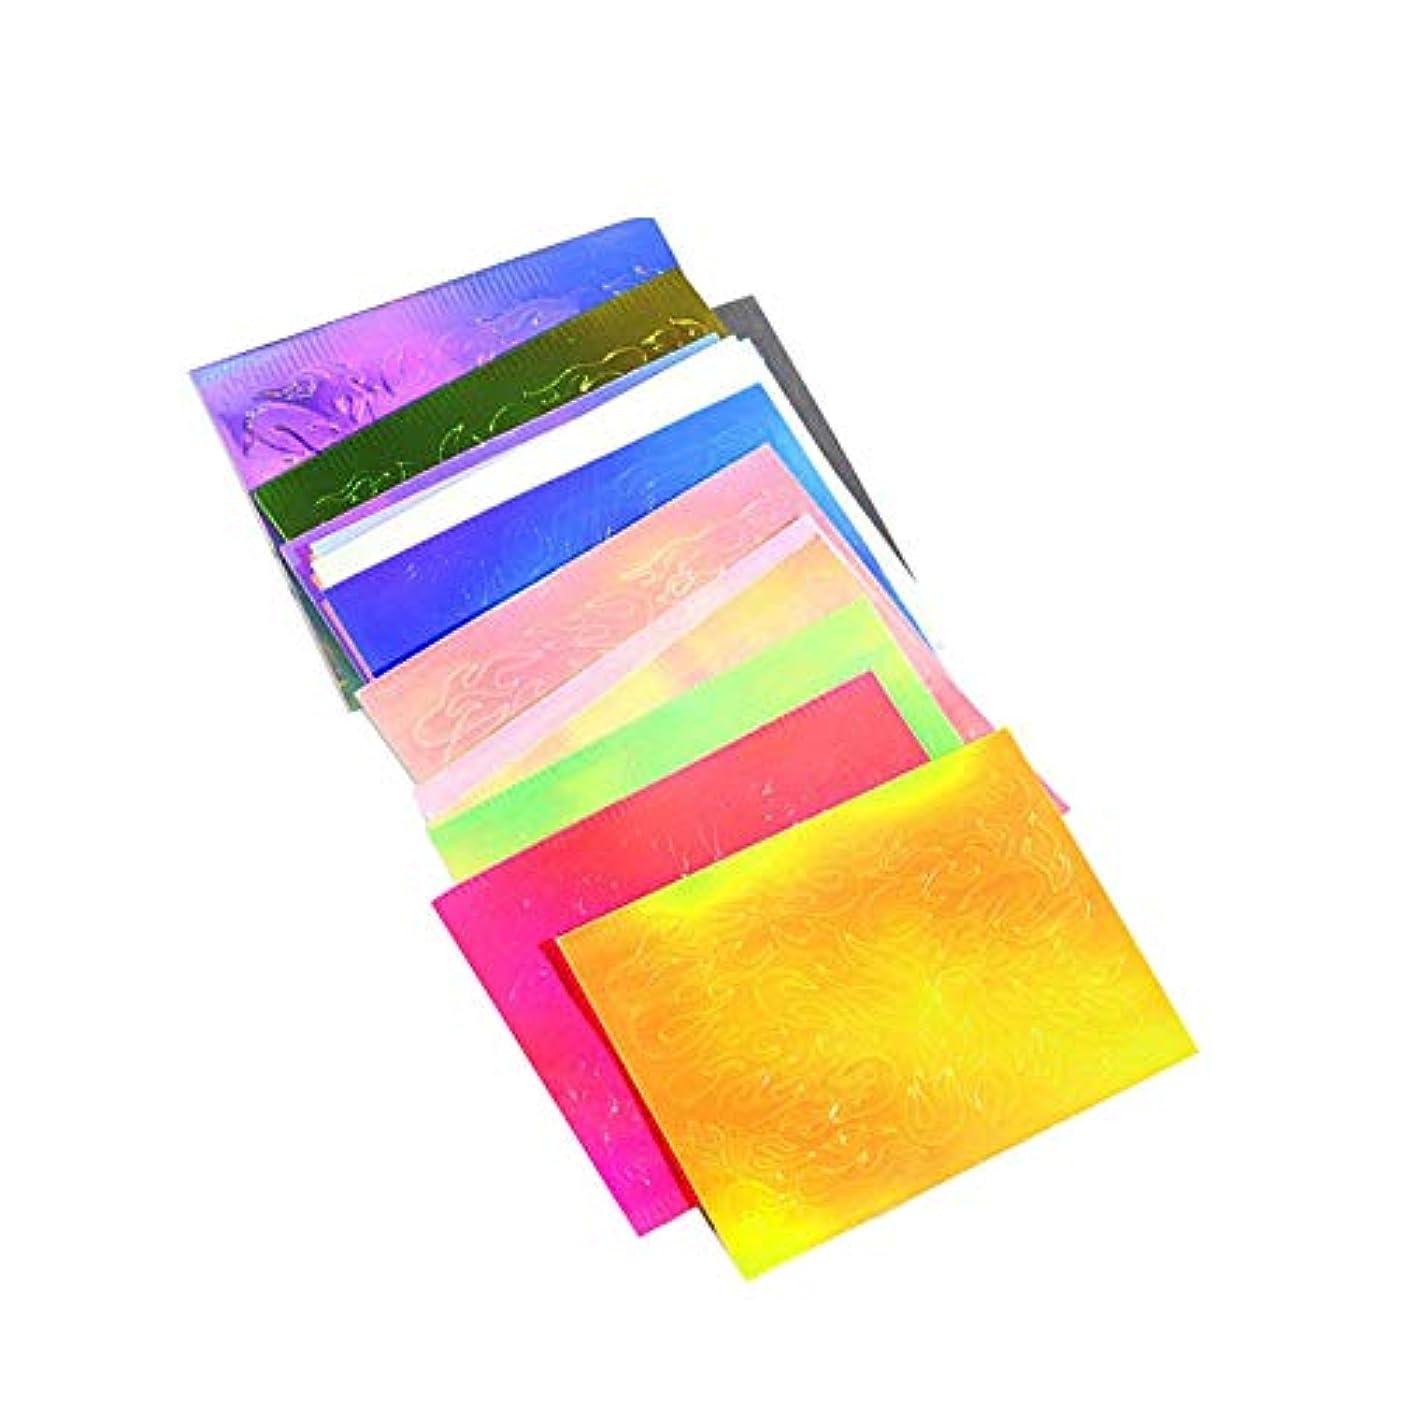 スプーン繁栄信者16色の3Dネイル作成ネイル接着剤装飾ステッカーファントム炎のネイルアートステッカー16個の光沢のあるネイルチップの多機能テープ付き